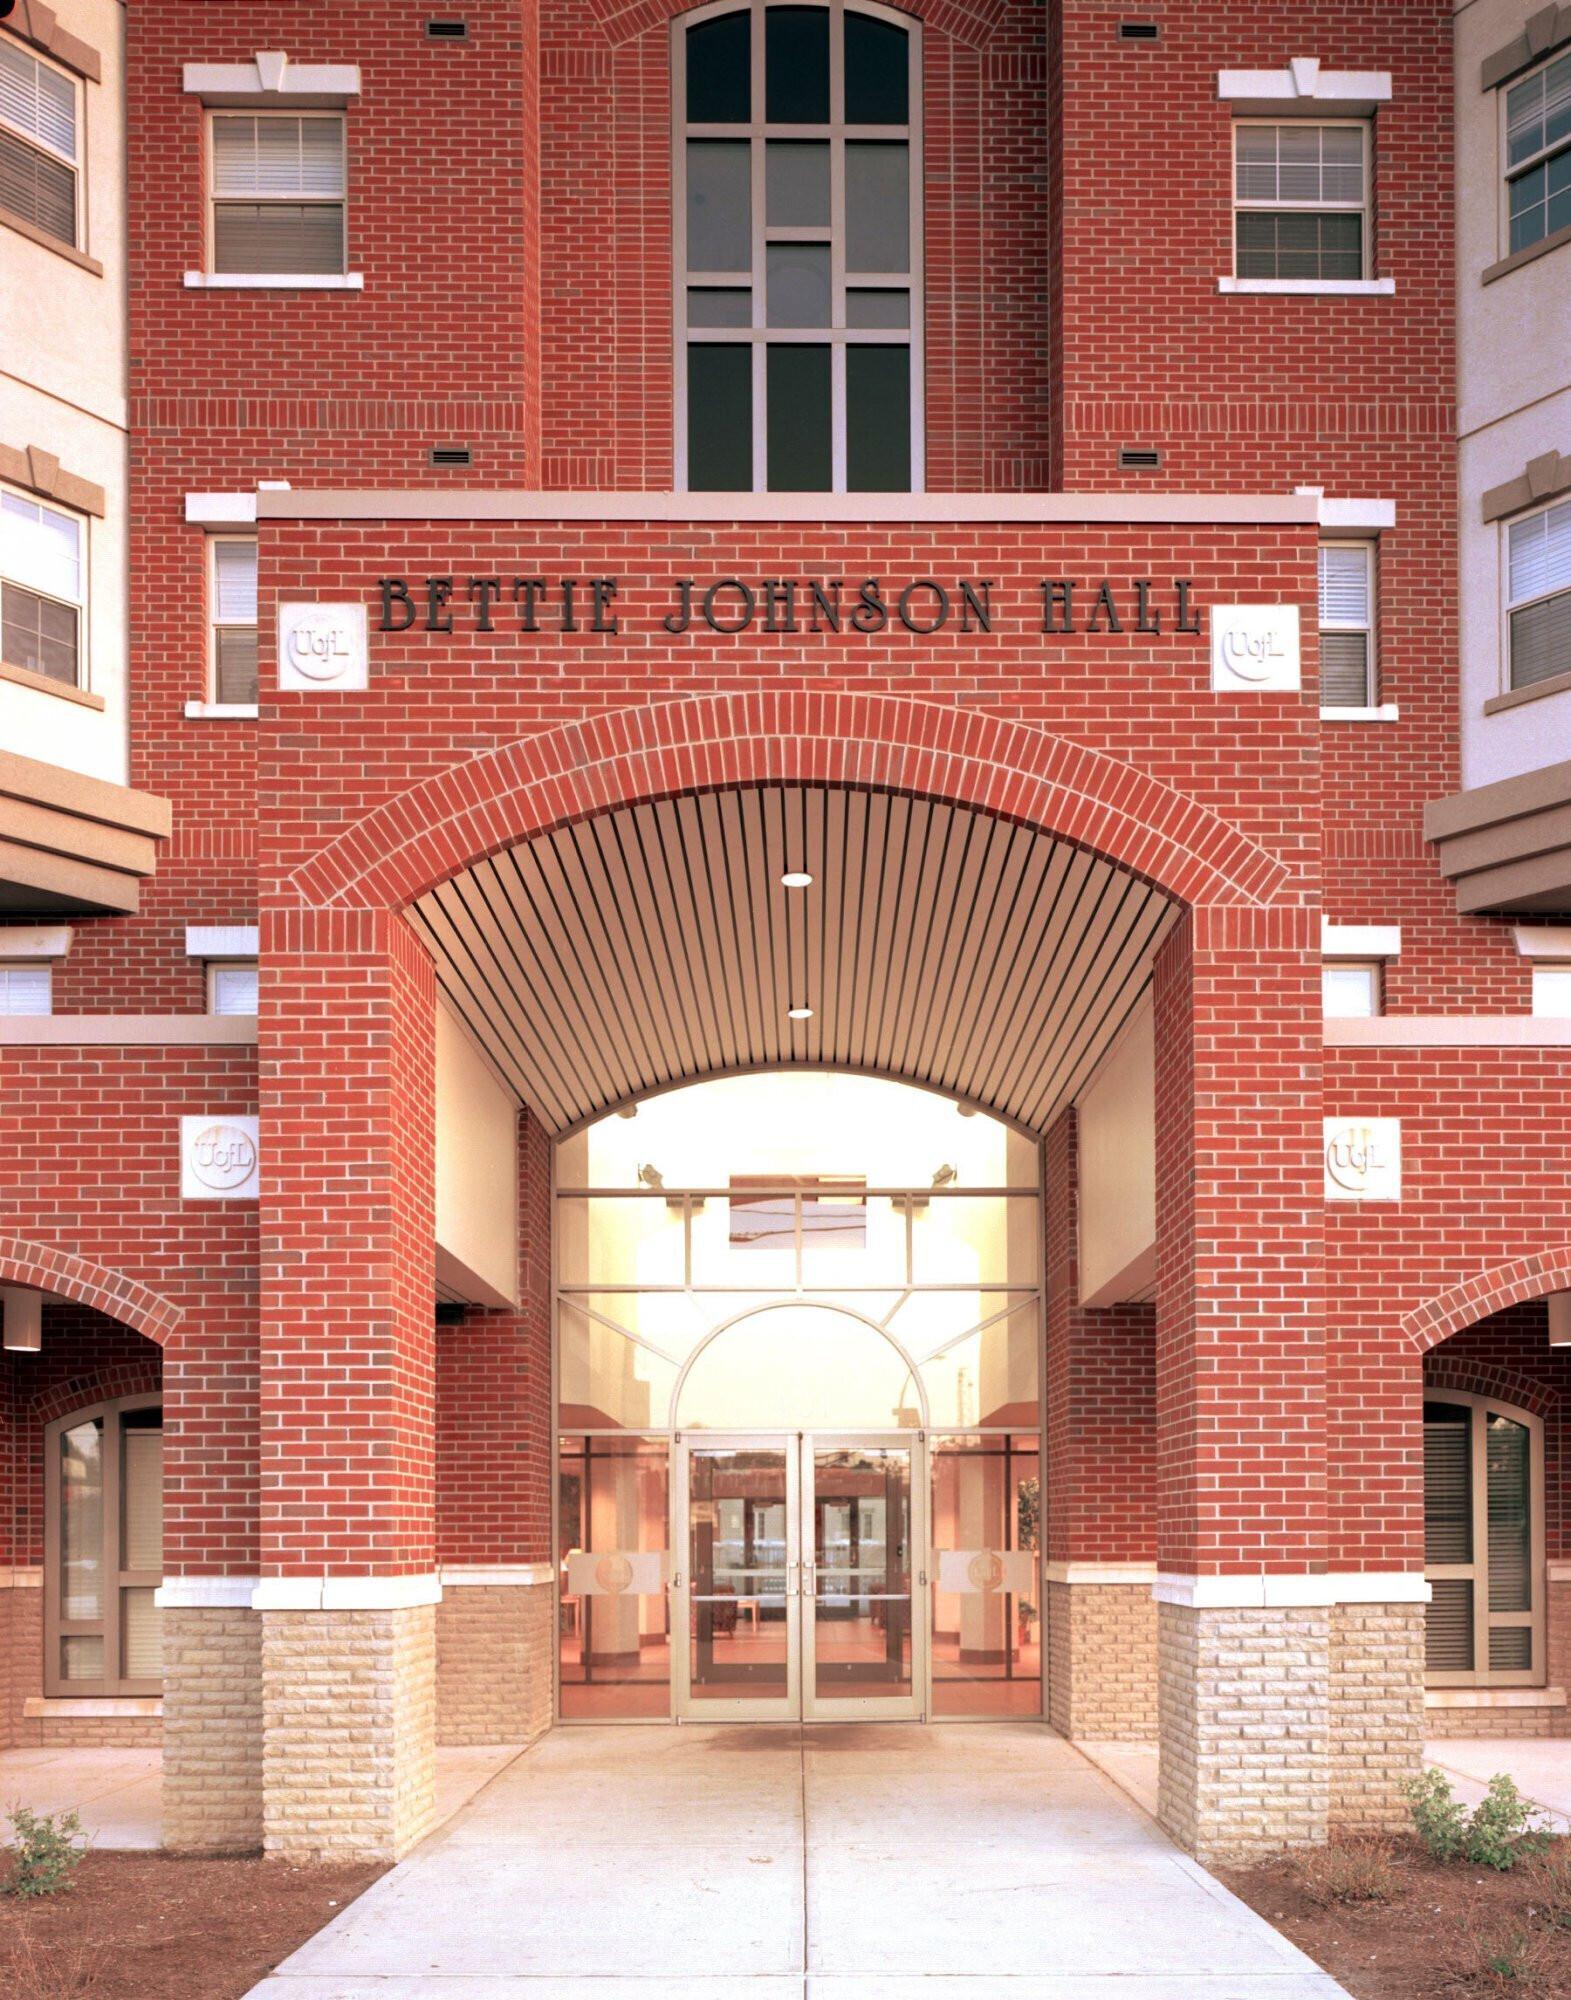 university-of-louisville-bettie-johnson-hall-entrance